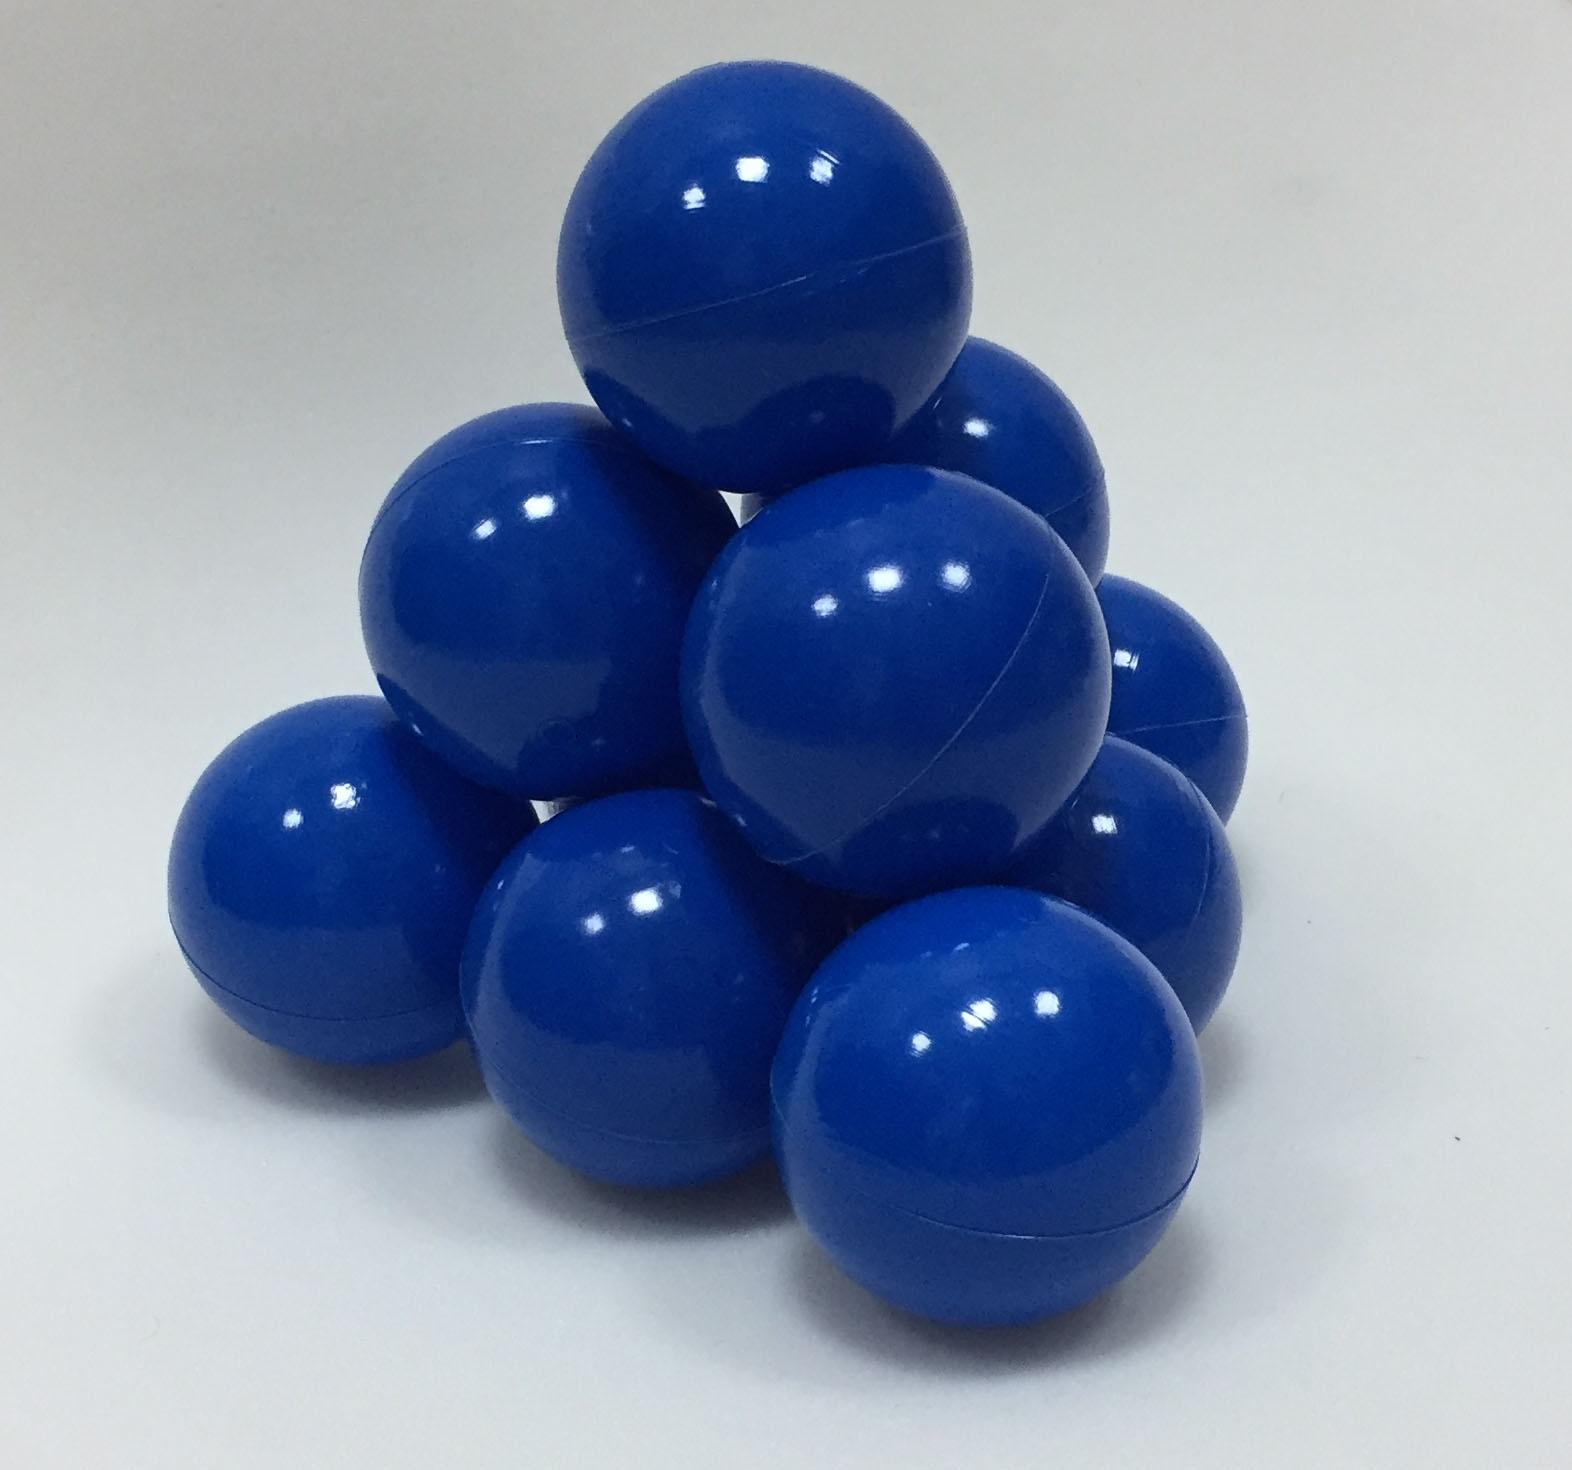 Фото - Набор шариков для игрового бассейна Hotenok, цвет: синий, диаметр 7 см, 50 шт набор шаров шишки цвет золотой 7 см 3 шт